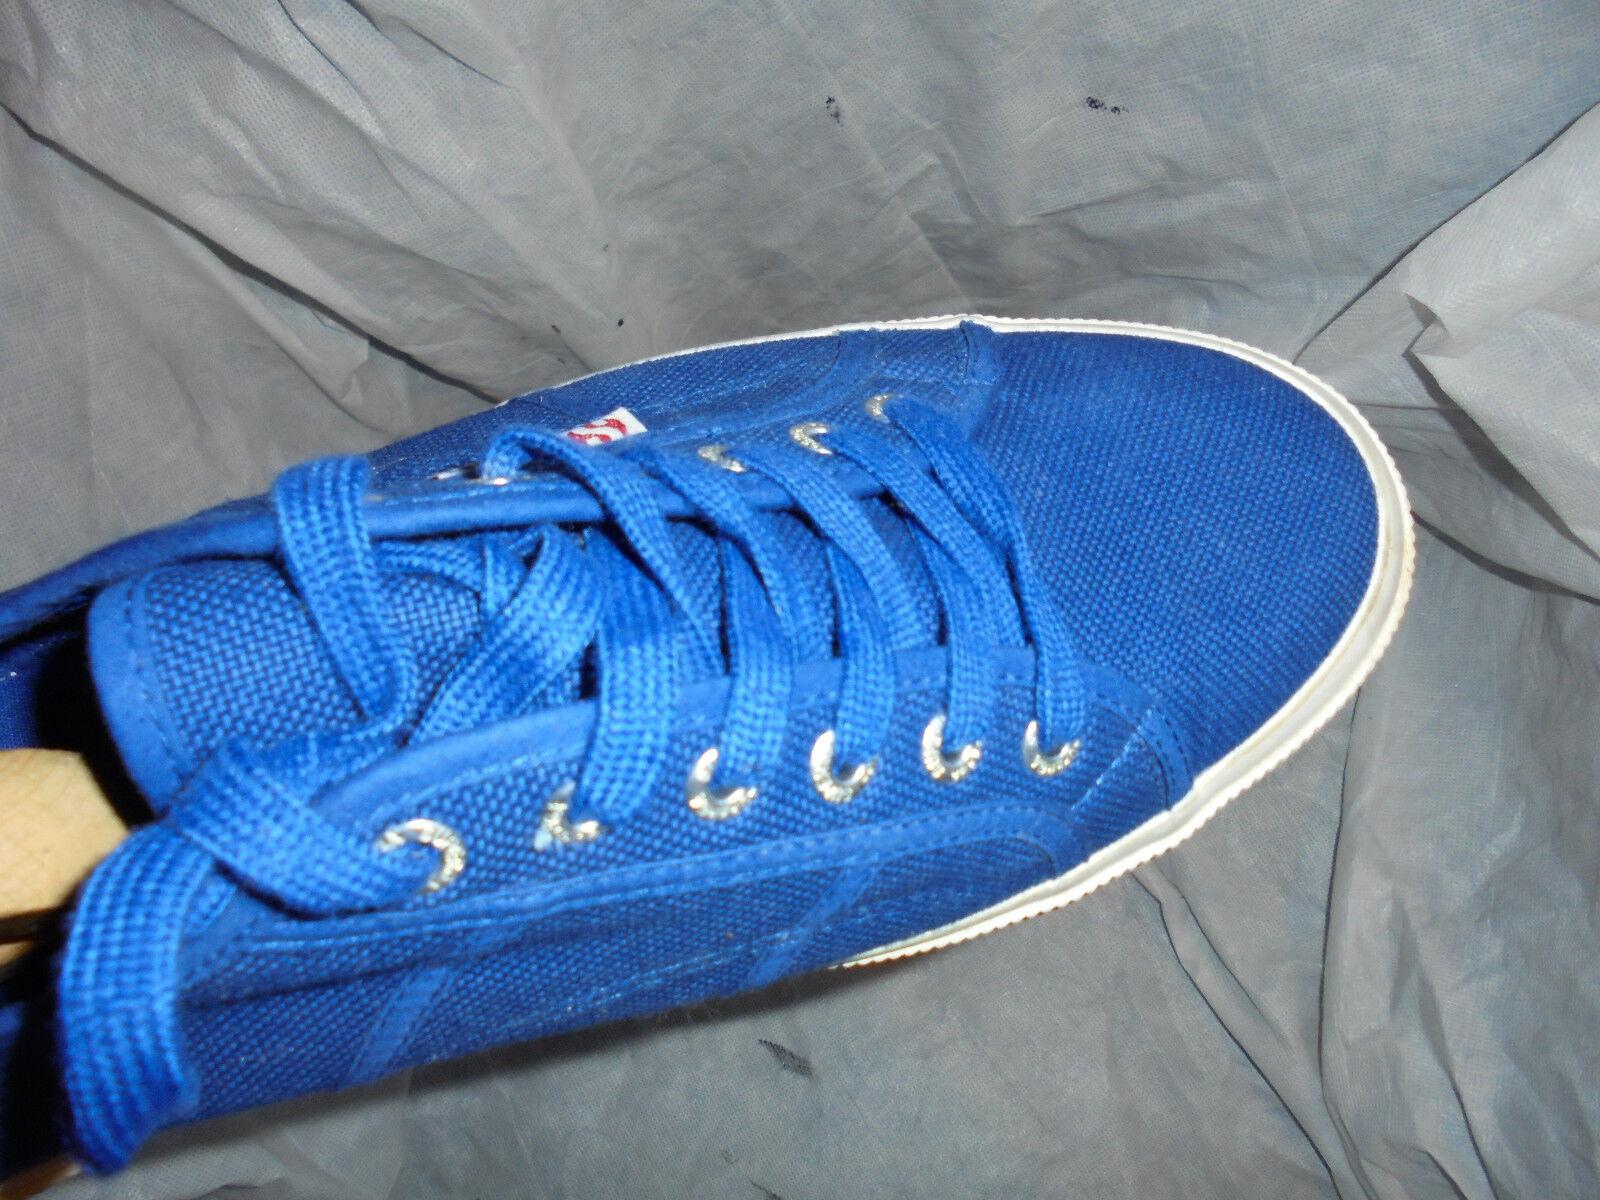 SUPERGRA Para Hombre Con Lona Azul Con Hombre Cordones Zapatillas Size en muy buena condición 63025a